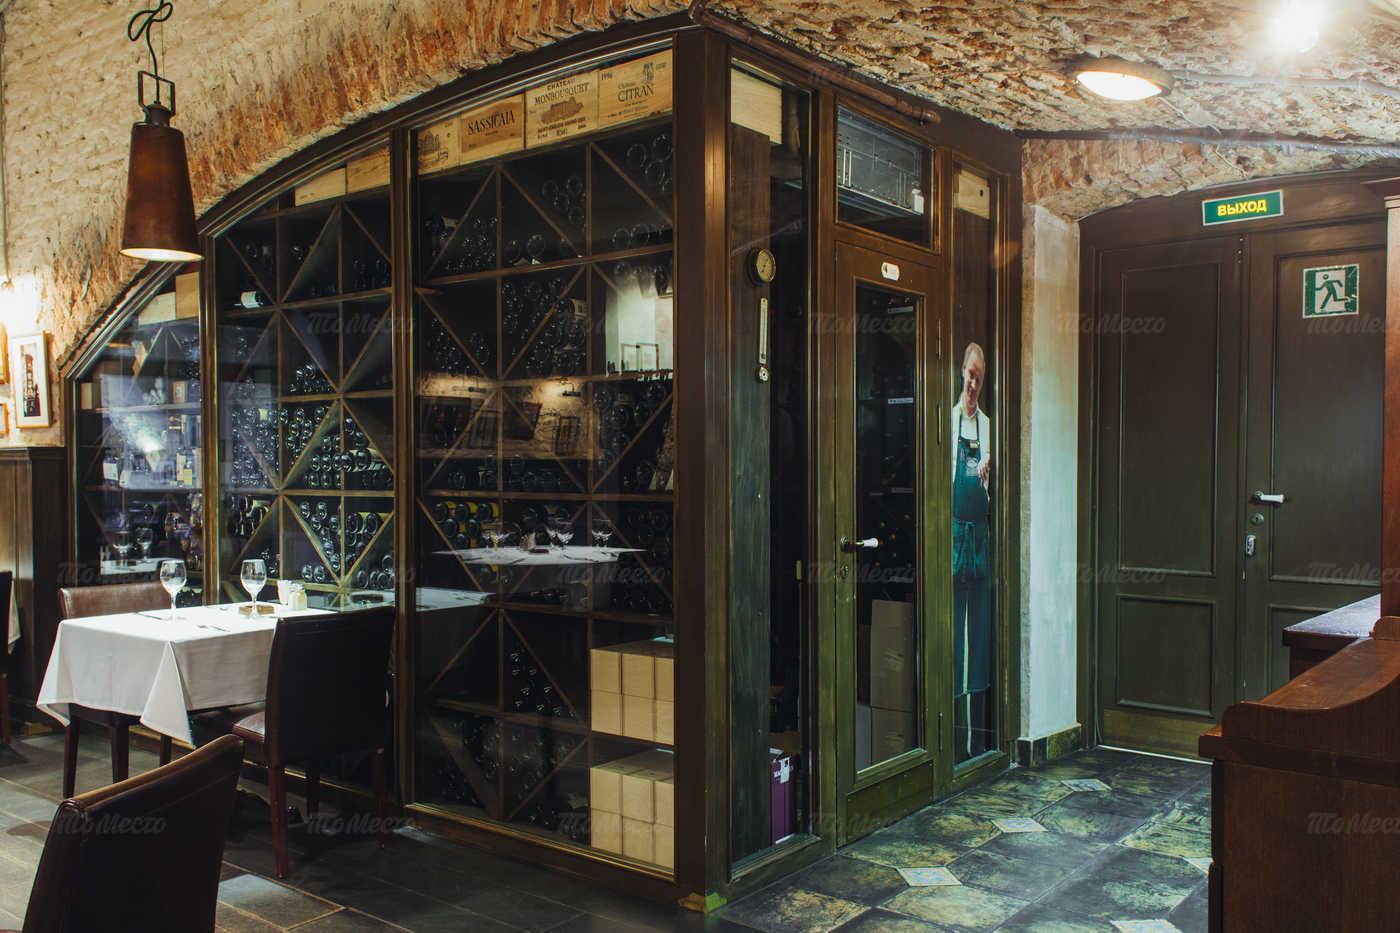 Меню ресторана, стейк-хауса Строганов Стейк Хаус (Stroganoff Steak House) на Конногвардейском бульваре